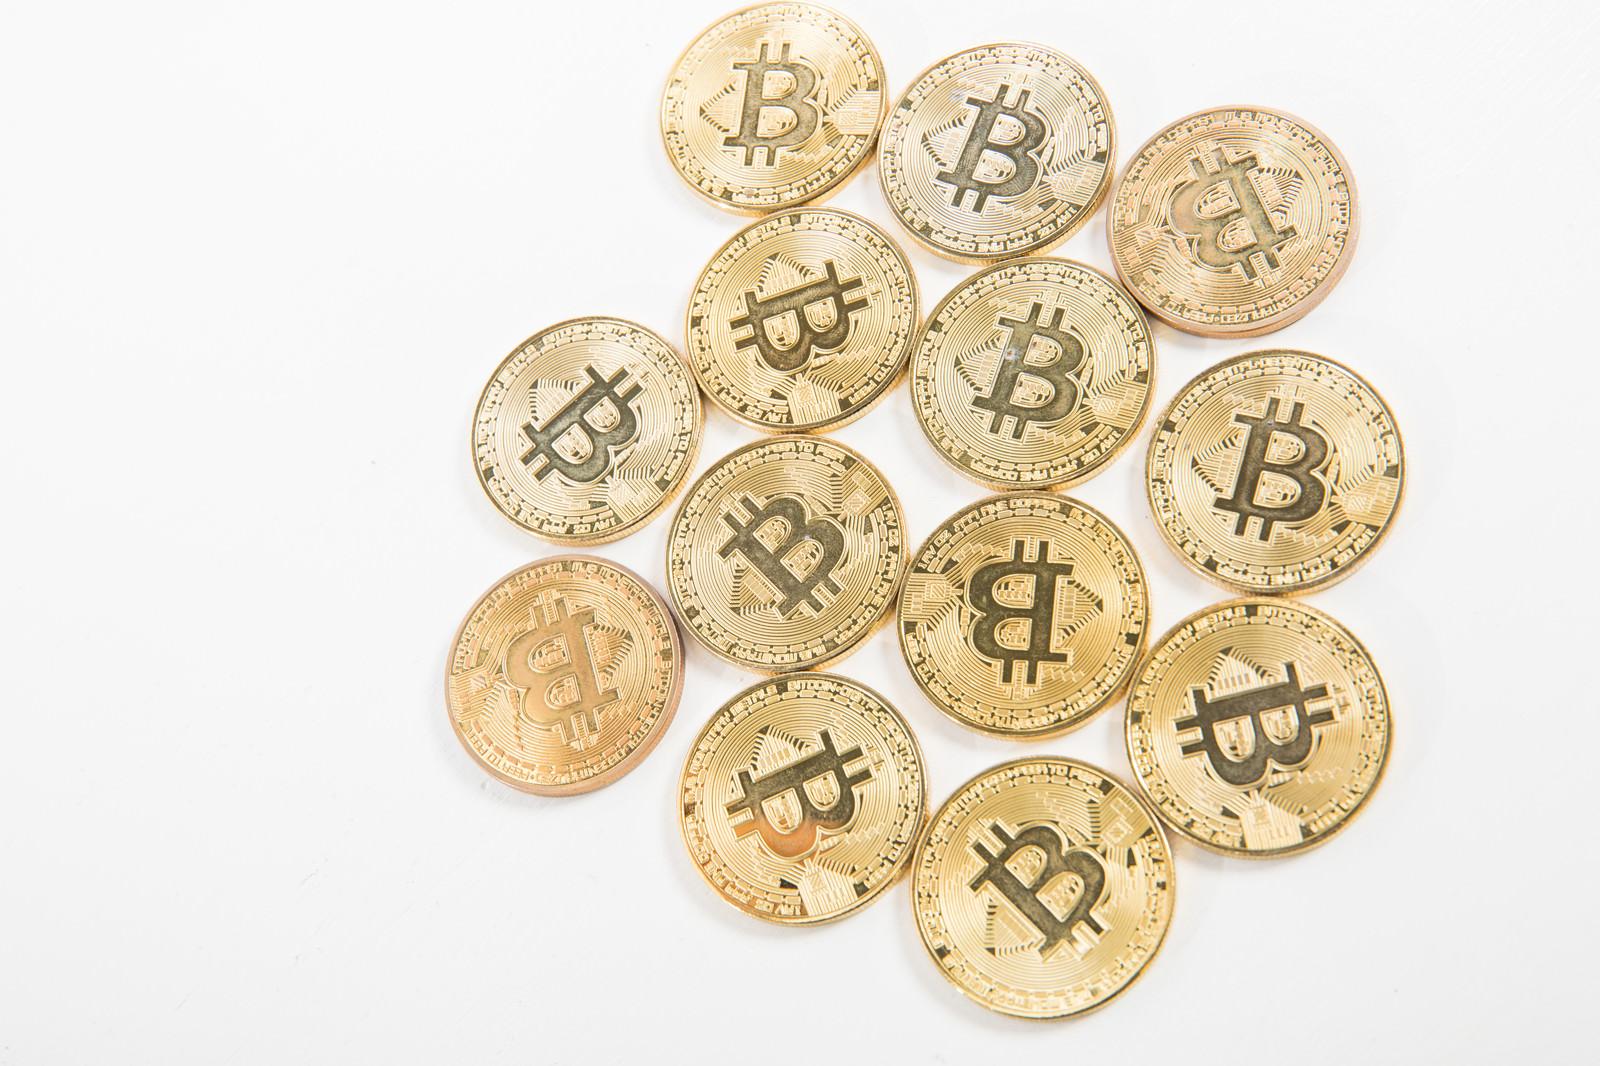 「仮想通貨から暗号資産へ呼び名を変更」の写真